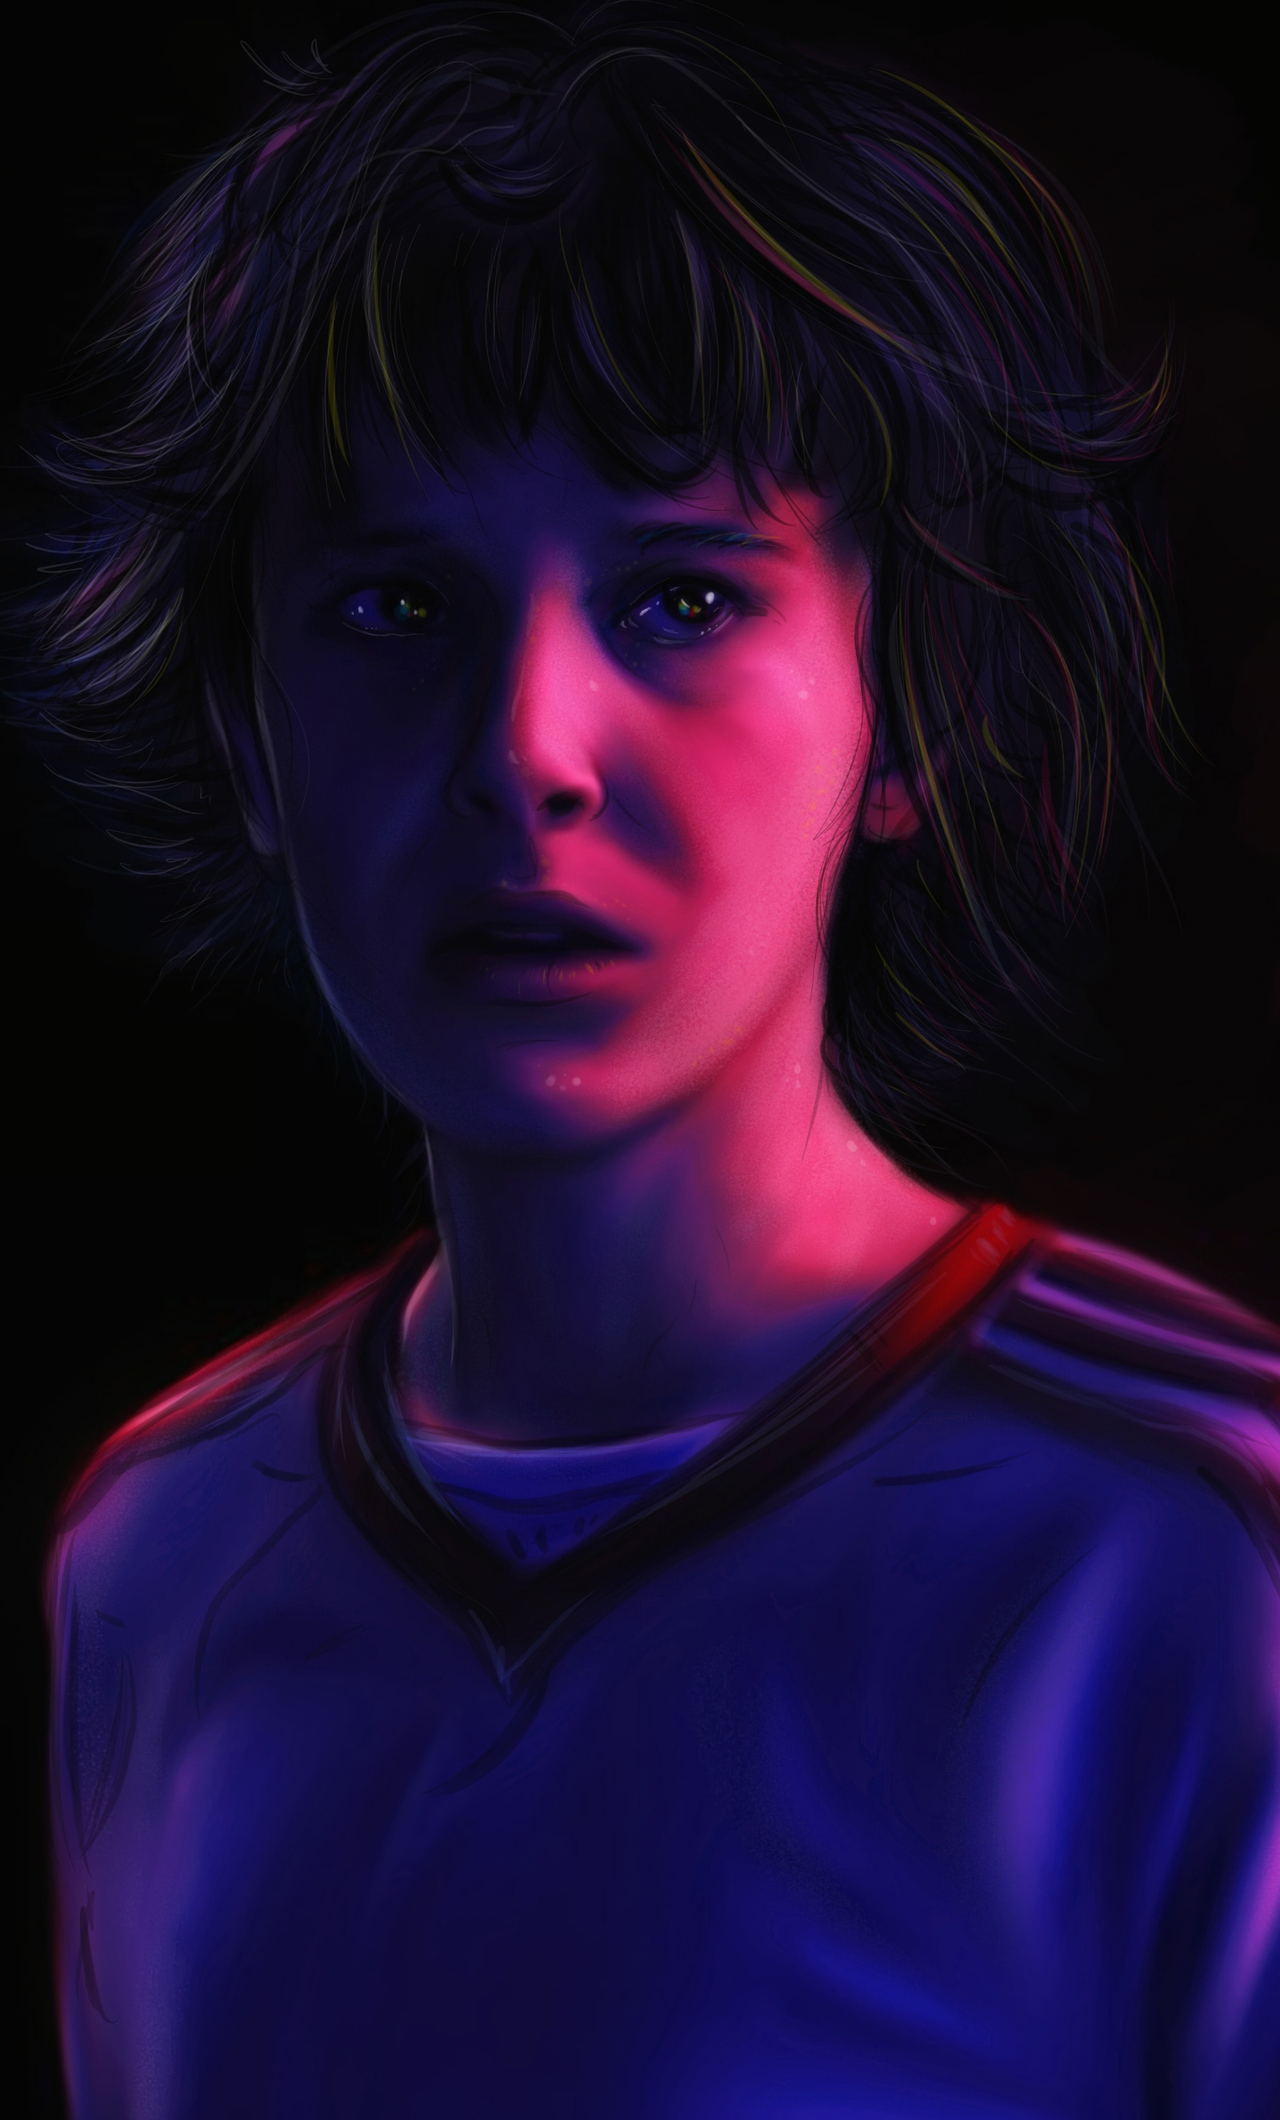 stranger-things-eleven-4k-artwork-new-oo.jpg